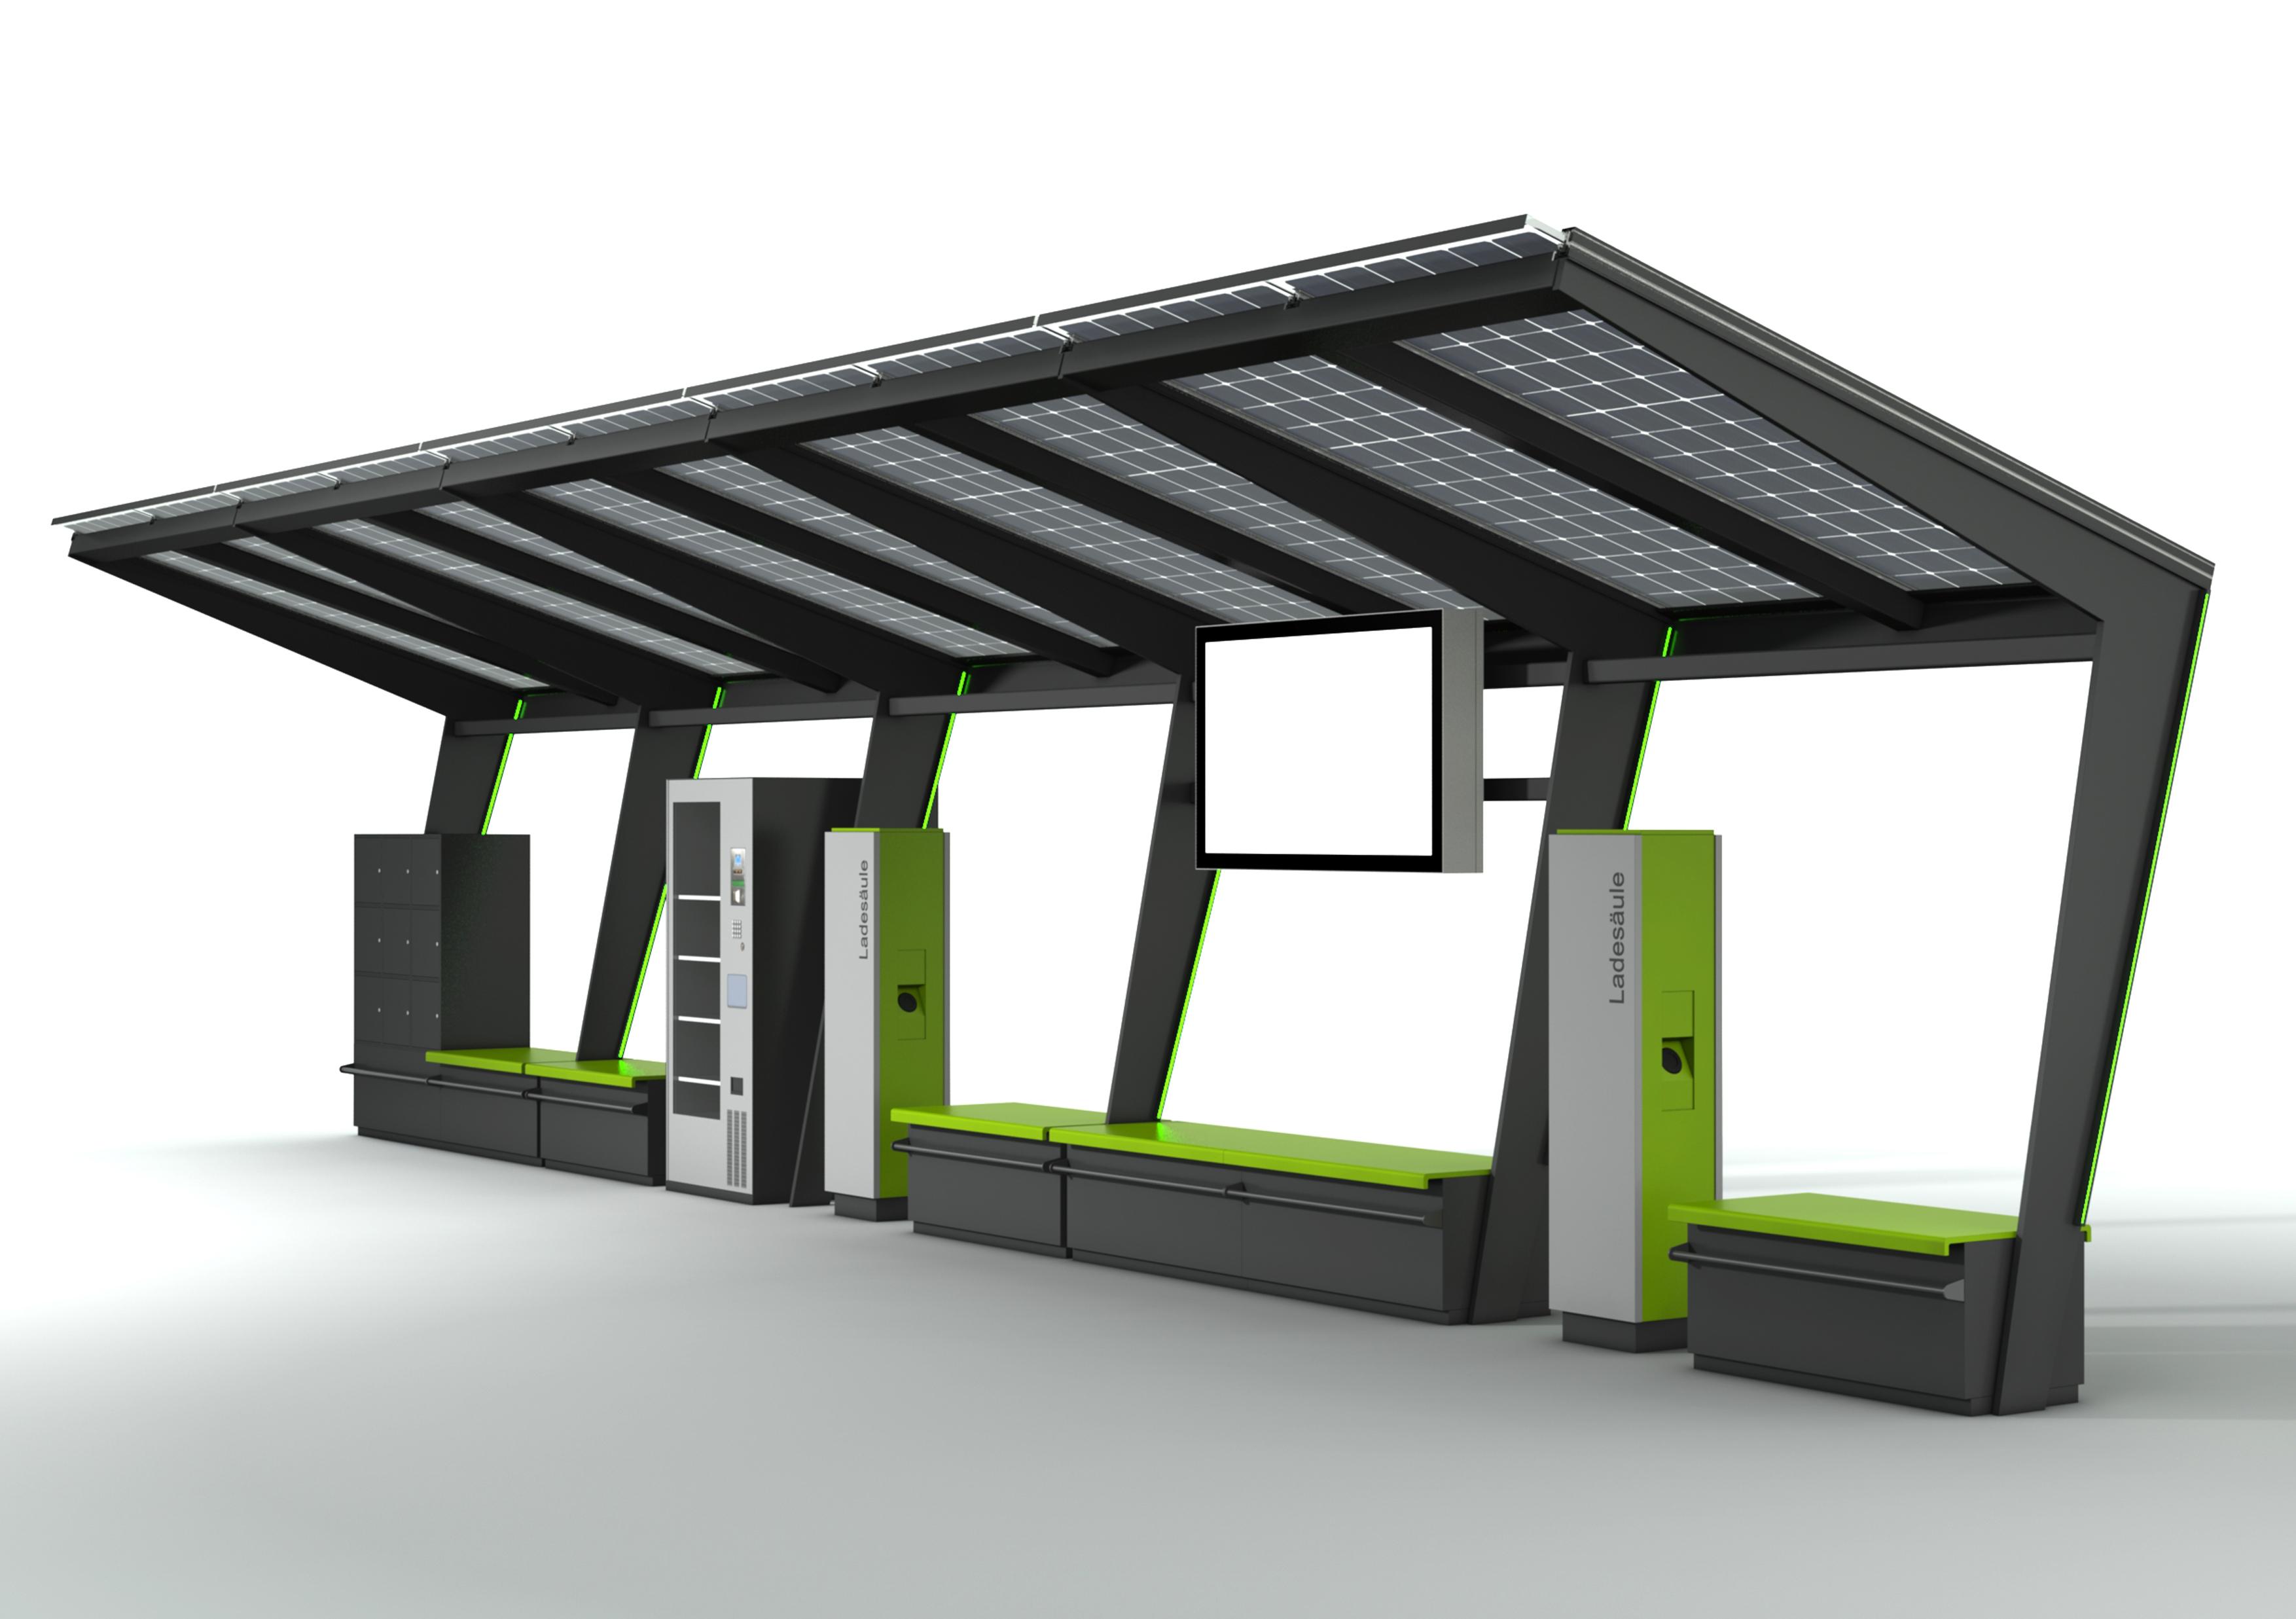 Station-i im fünffachen Look, ausgebaut mit Bildschirm, Ladesäulen, Automat, Bänken und Schließfächern